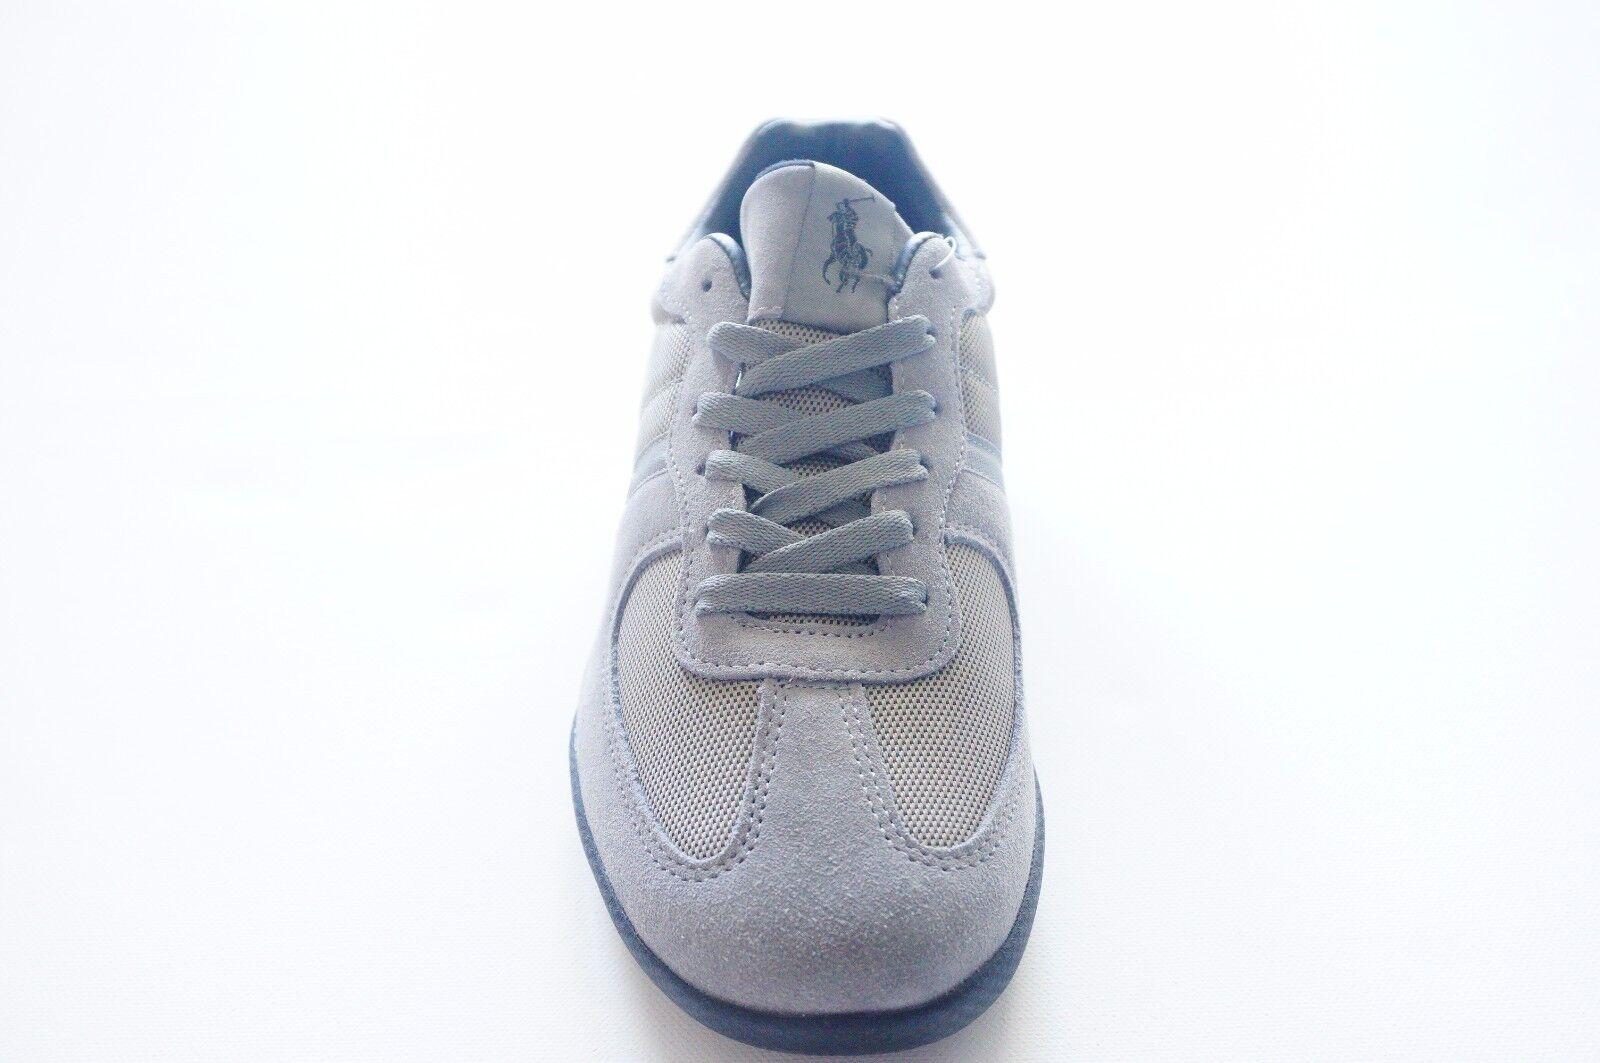 Ralph Lauren Polo Herren Sneakers, Sneakers, Herren Jacory Polo Turnschuhe  Sneakers Große; 44 44bec1